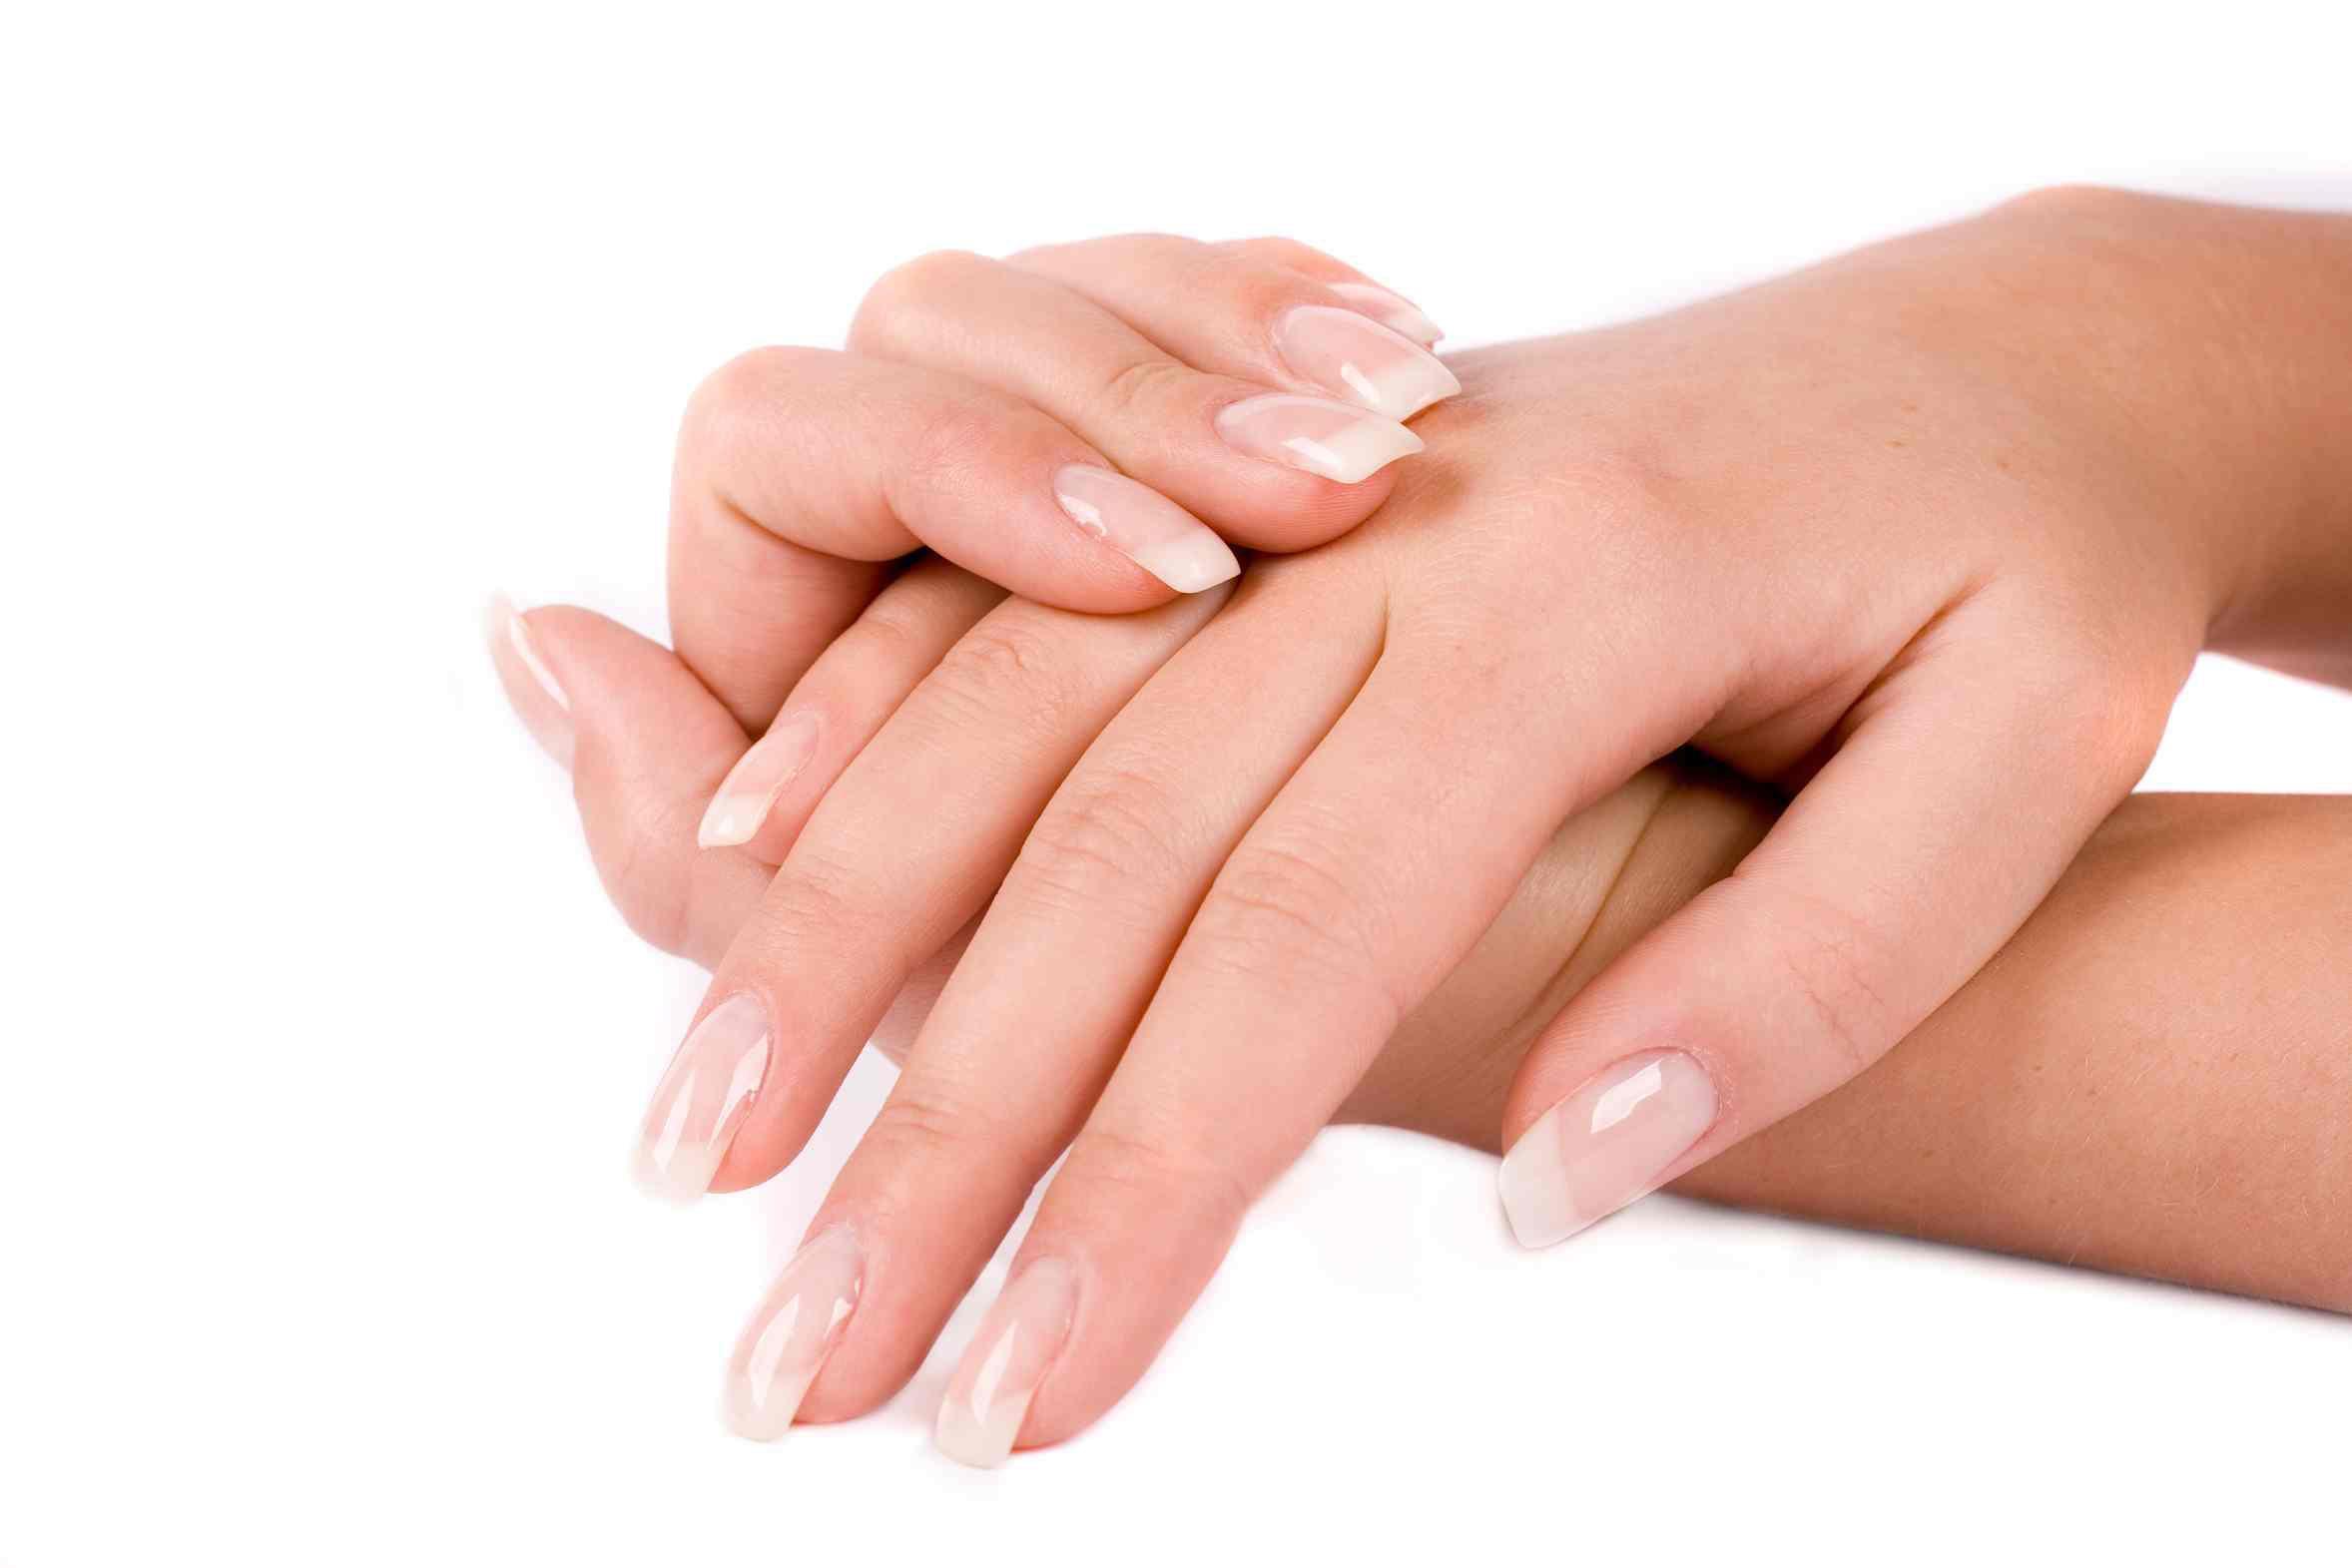 chữa ra mồ hôi tay chân bằng tiêm botox